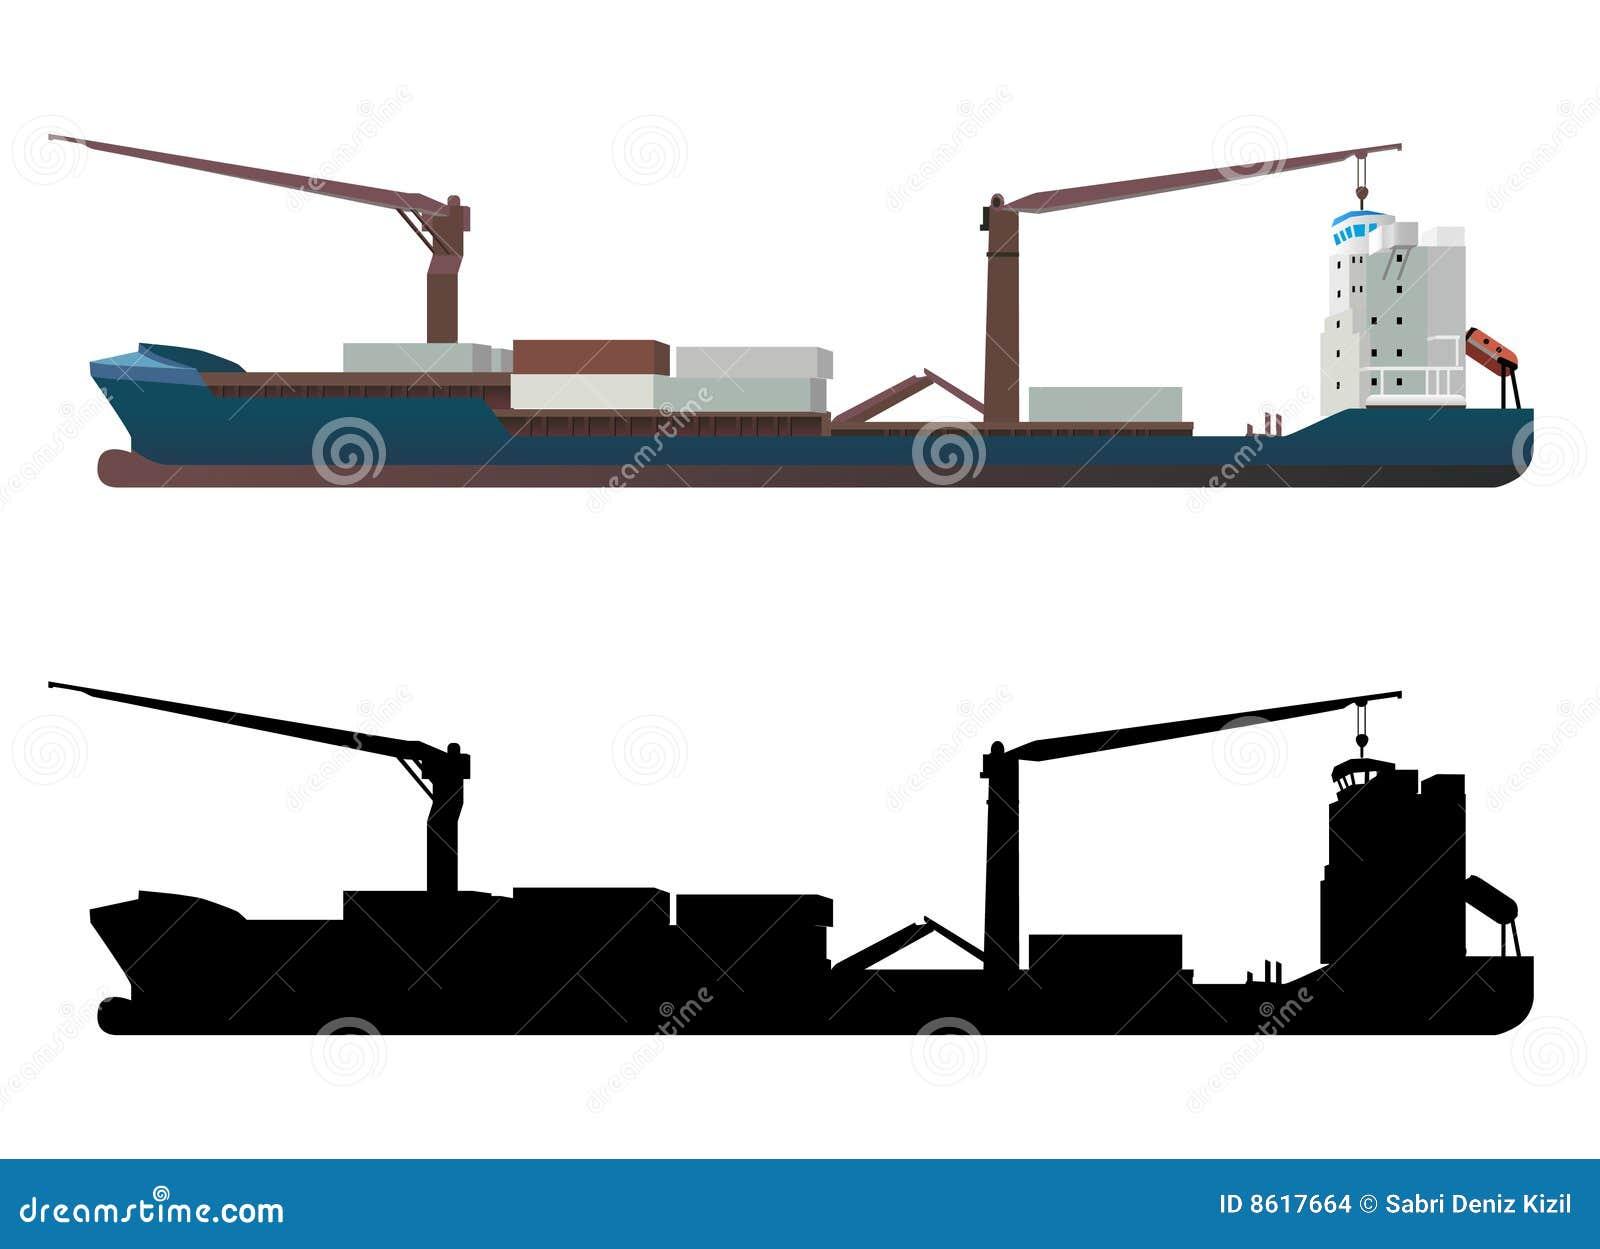 Vettore della nave porta-container